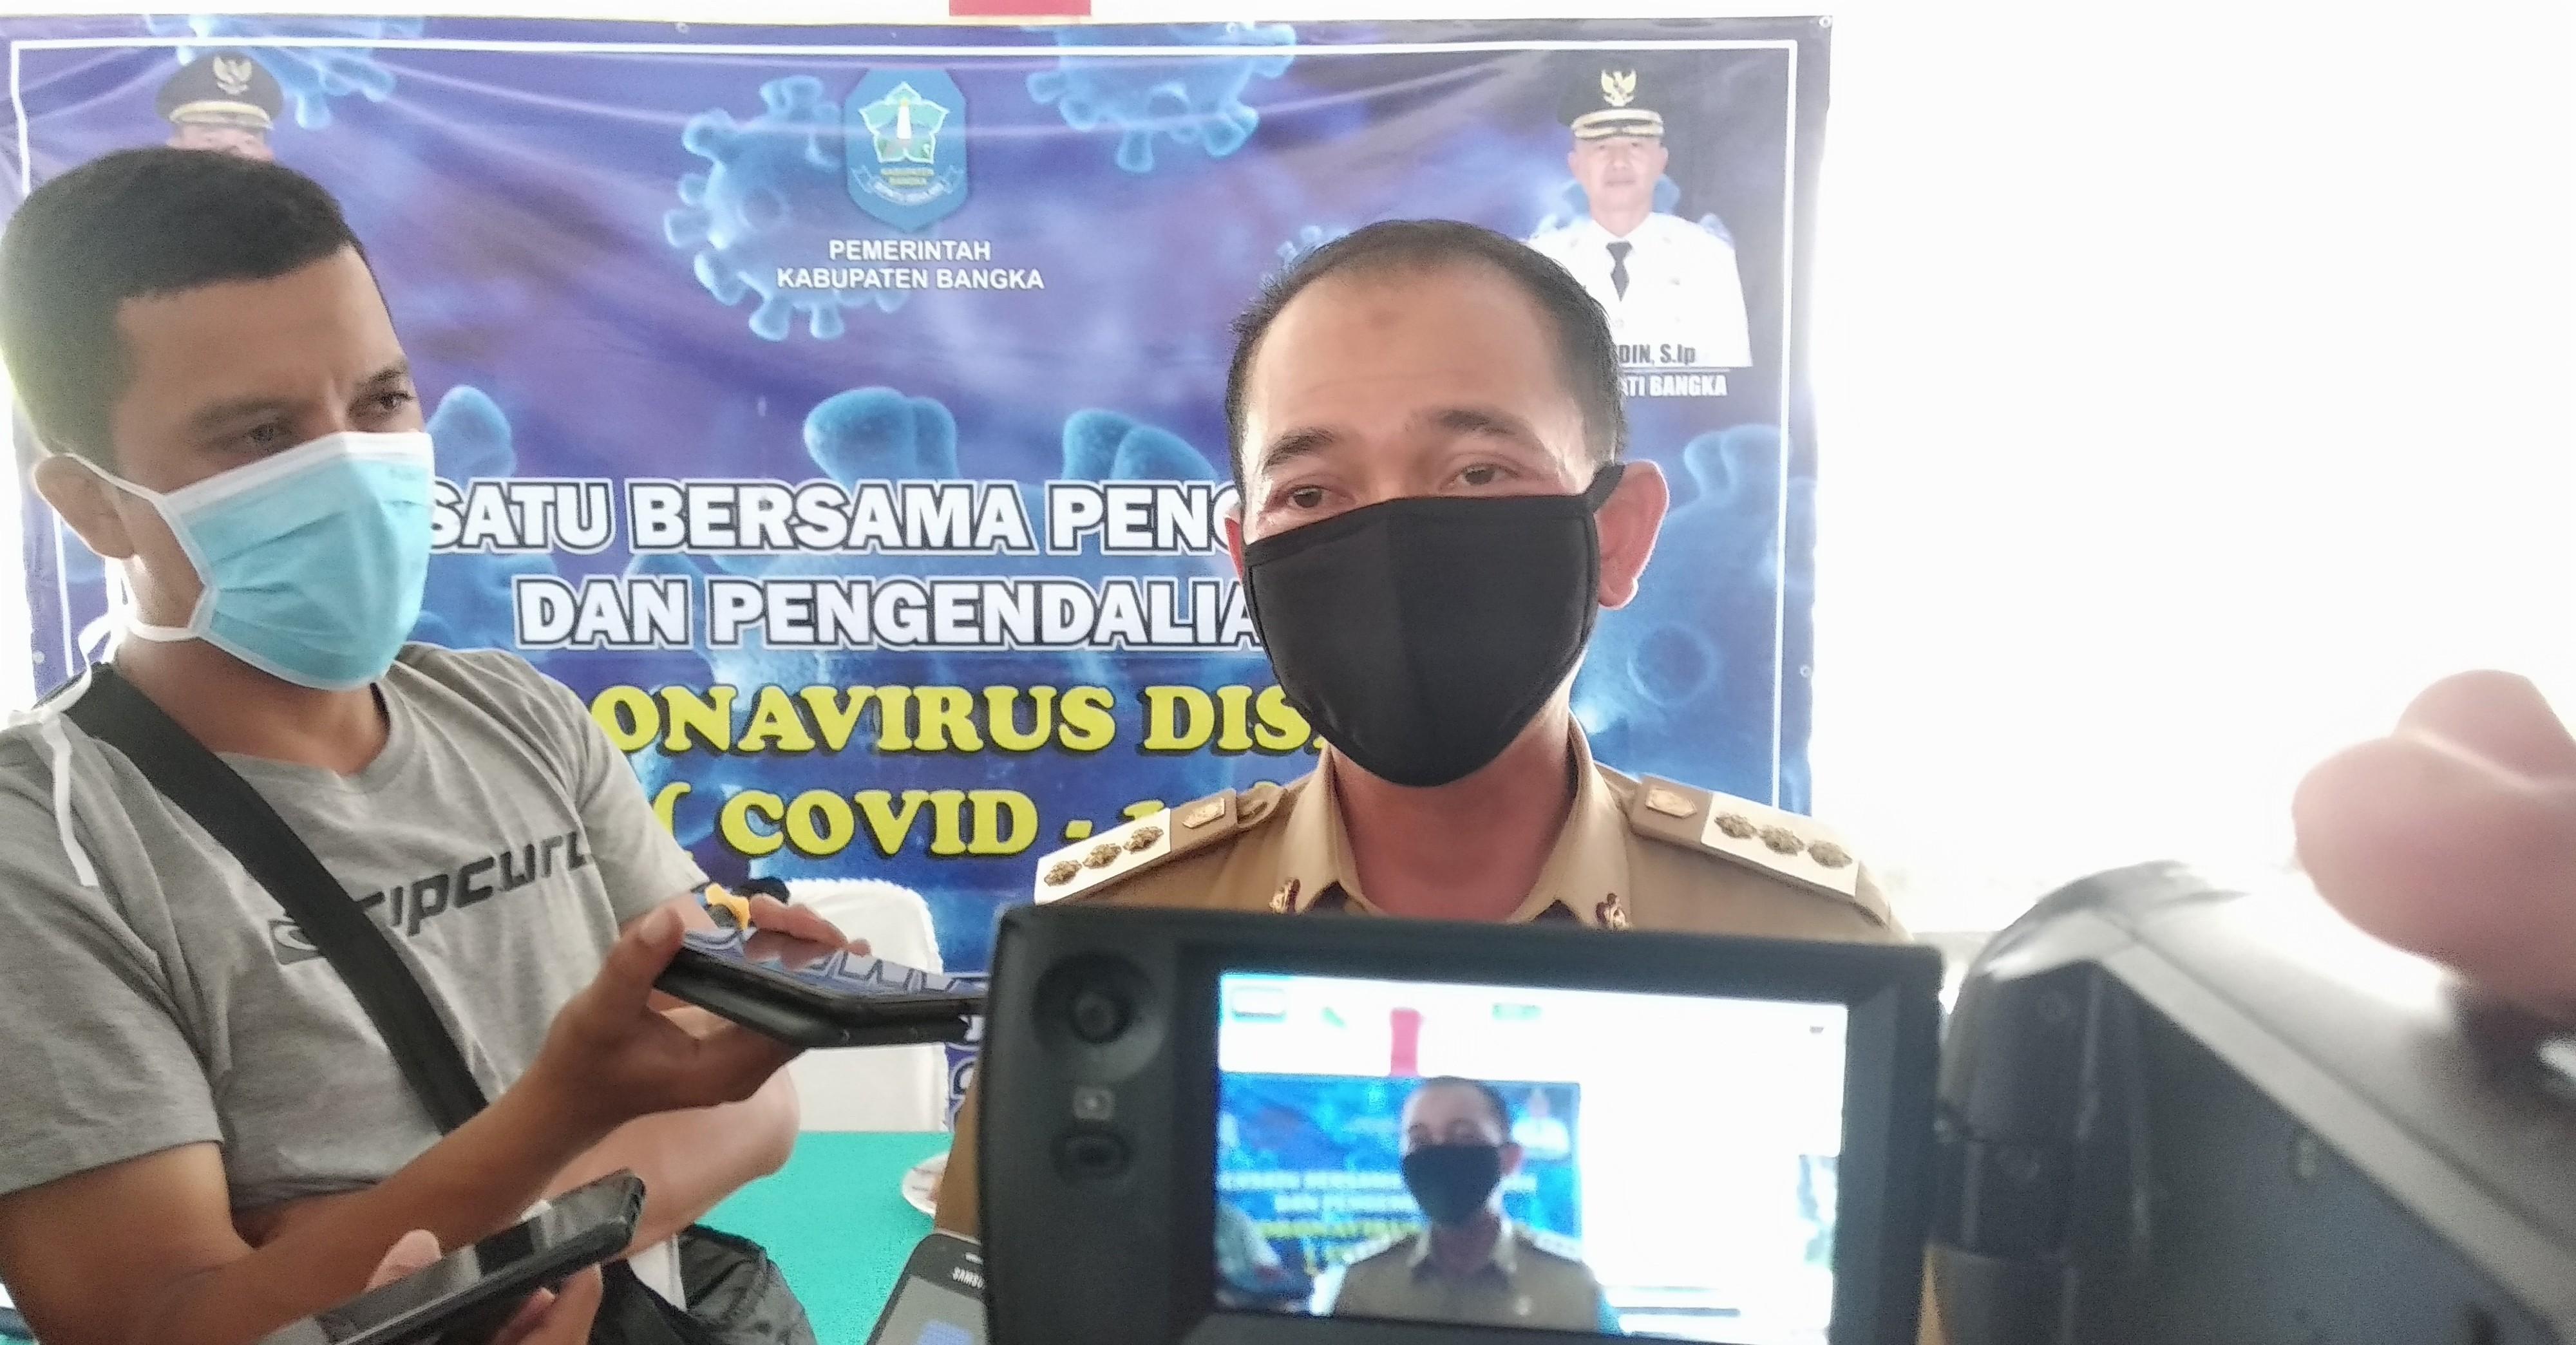 Mulkan : Kabupaten Bangka Salah Satu Kabupaten yang Cepat Lakukan Pergeseran DID untuk Covid-19